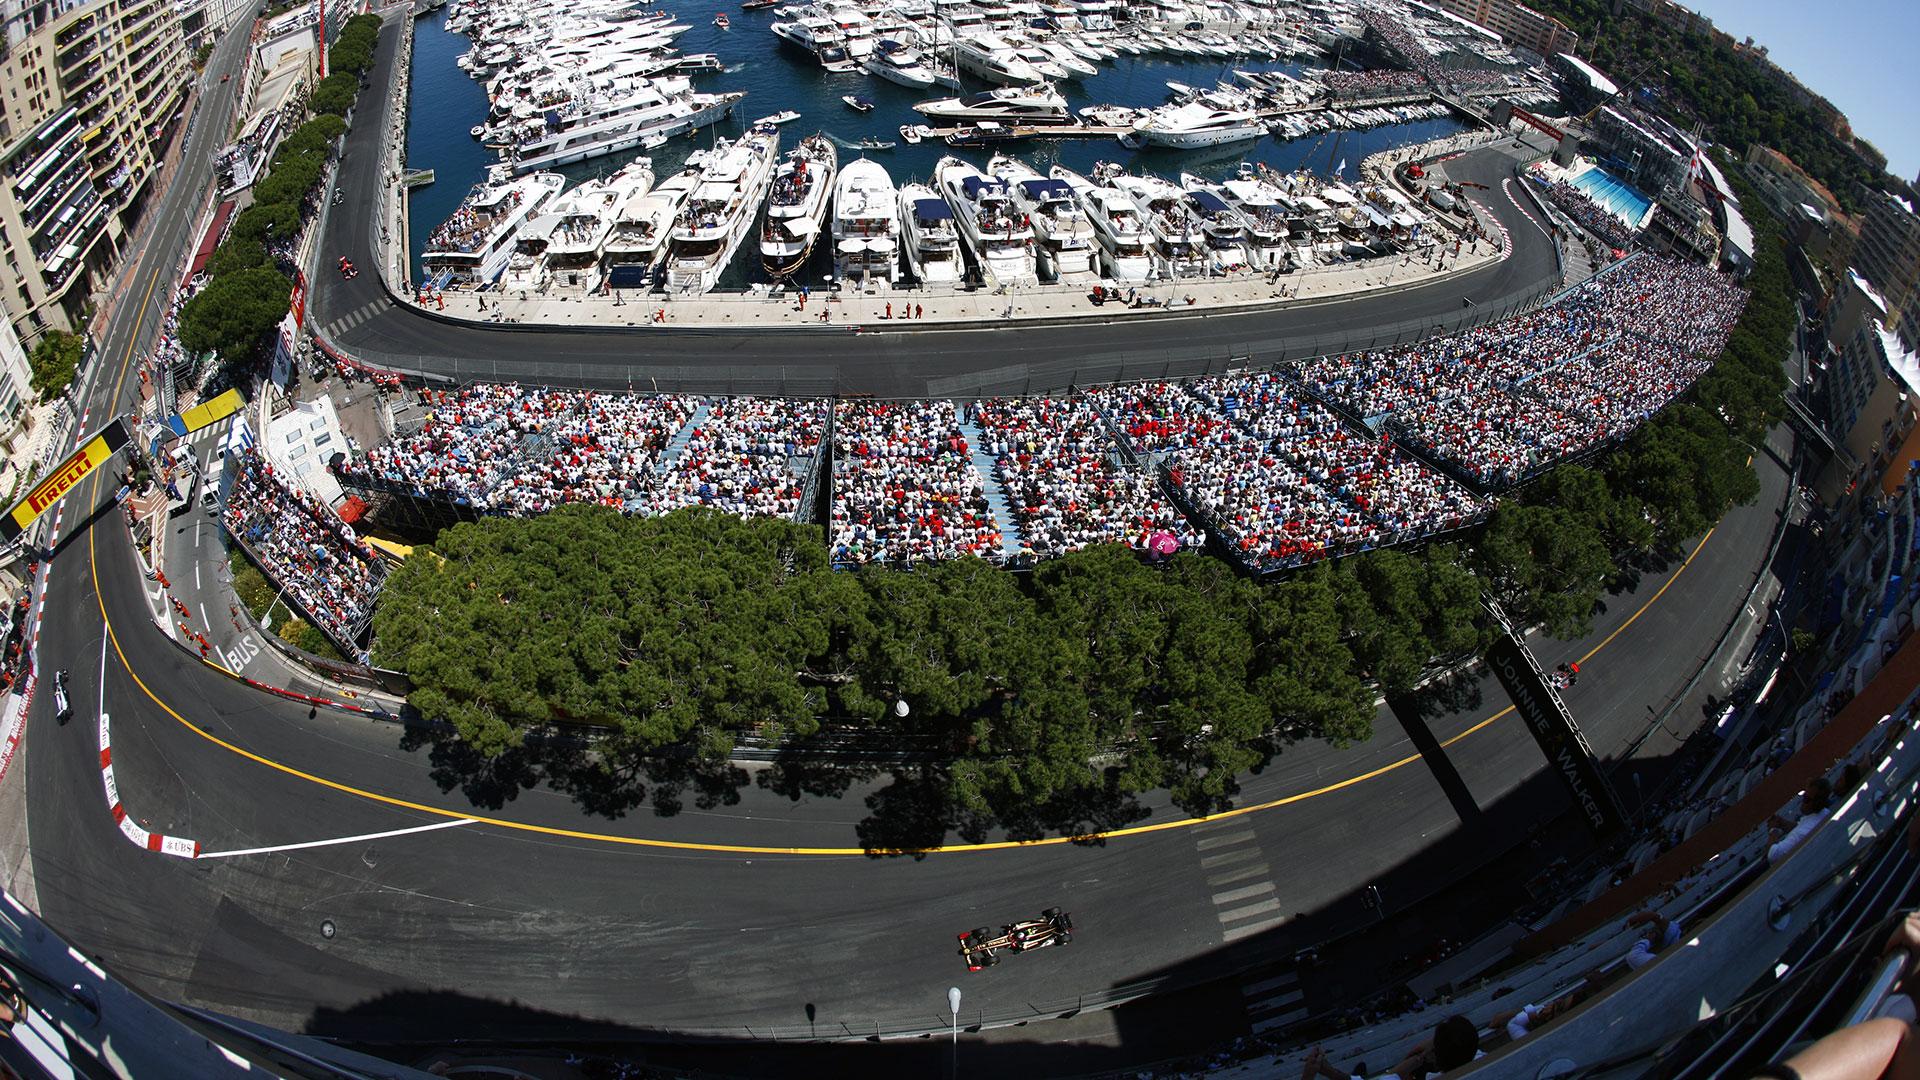 Circuito Monaco : Hd wallpapers formula grand prix of monaco f fansite